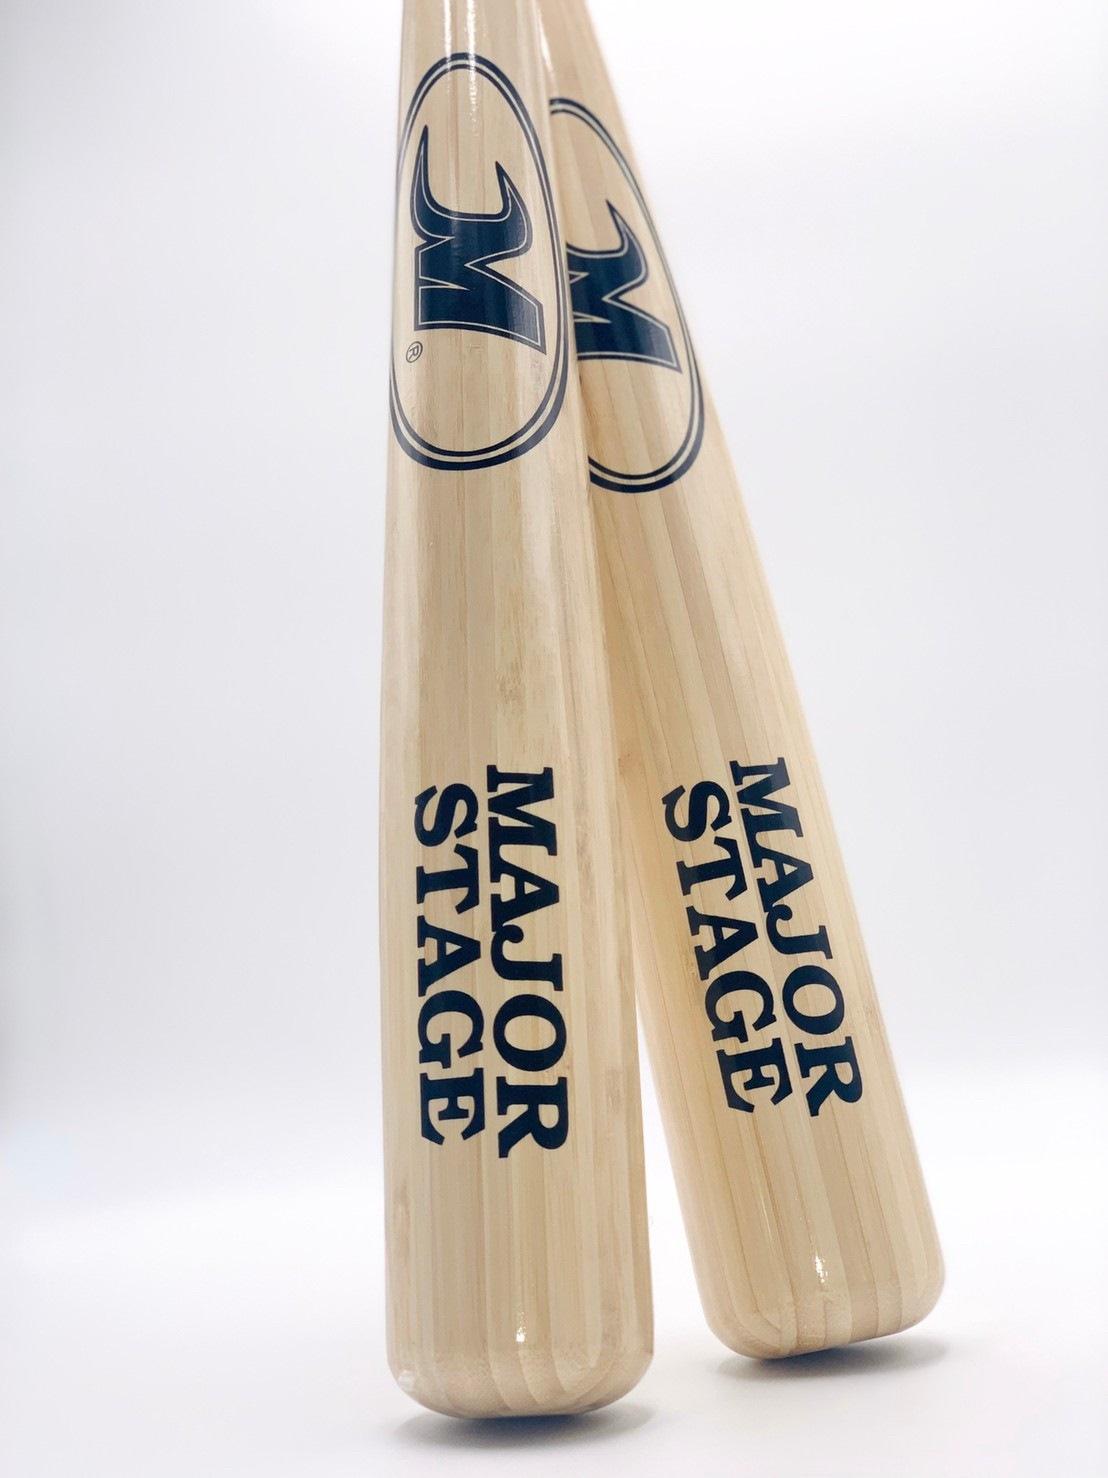 MAJOR STAGE(メジャーステージ) 硬式竹バット MSB-300